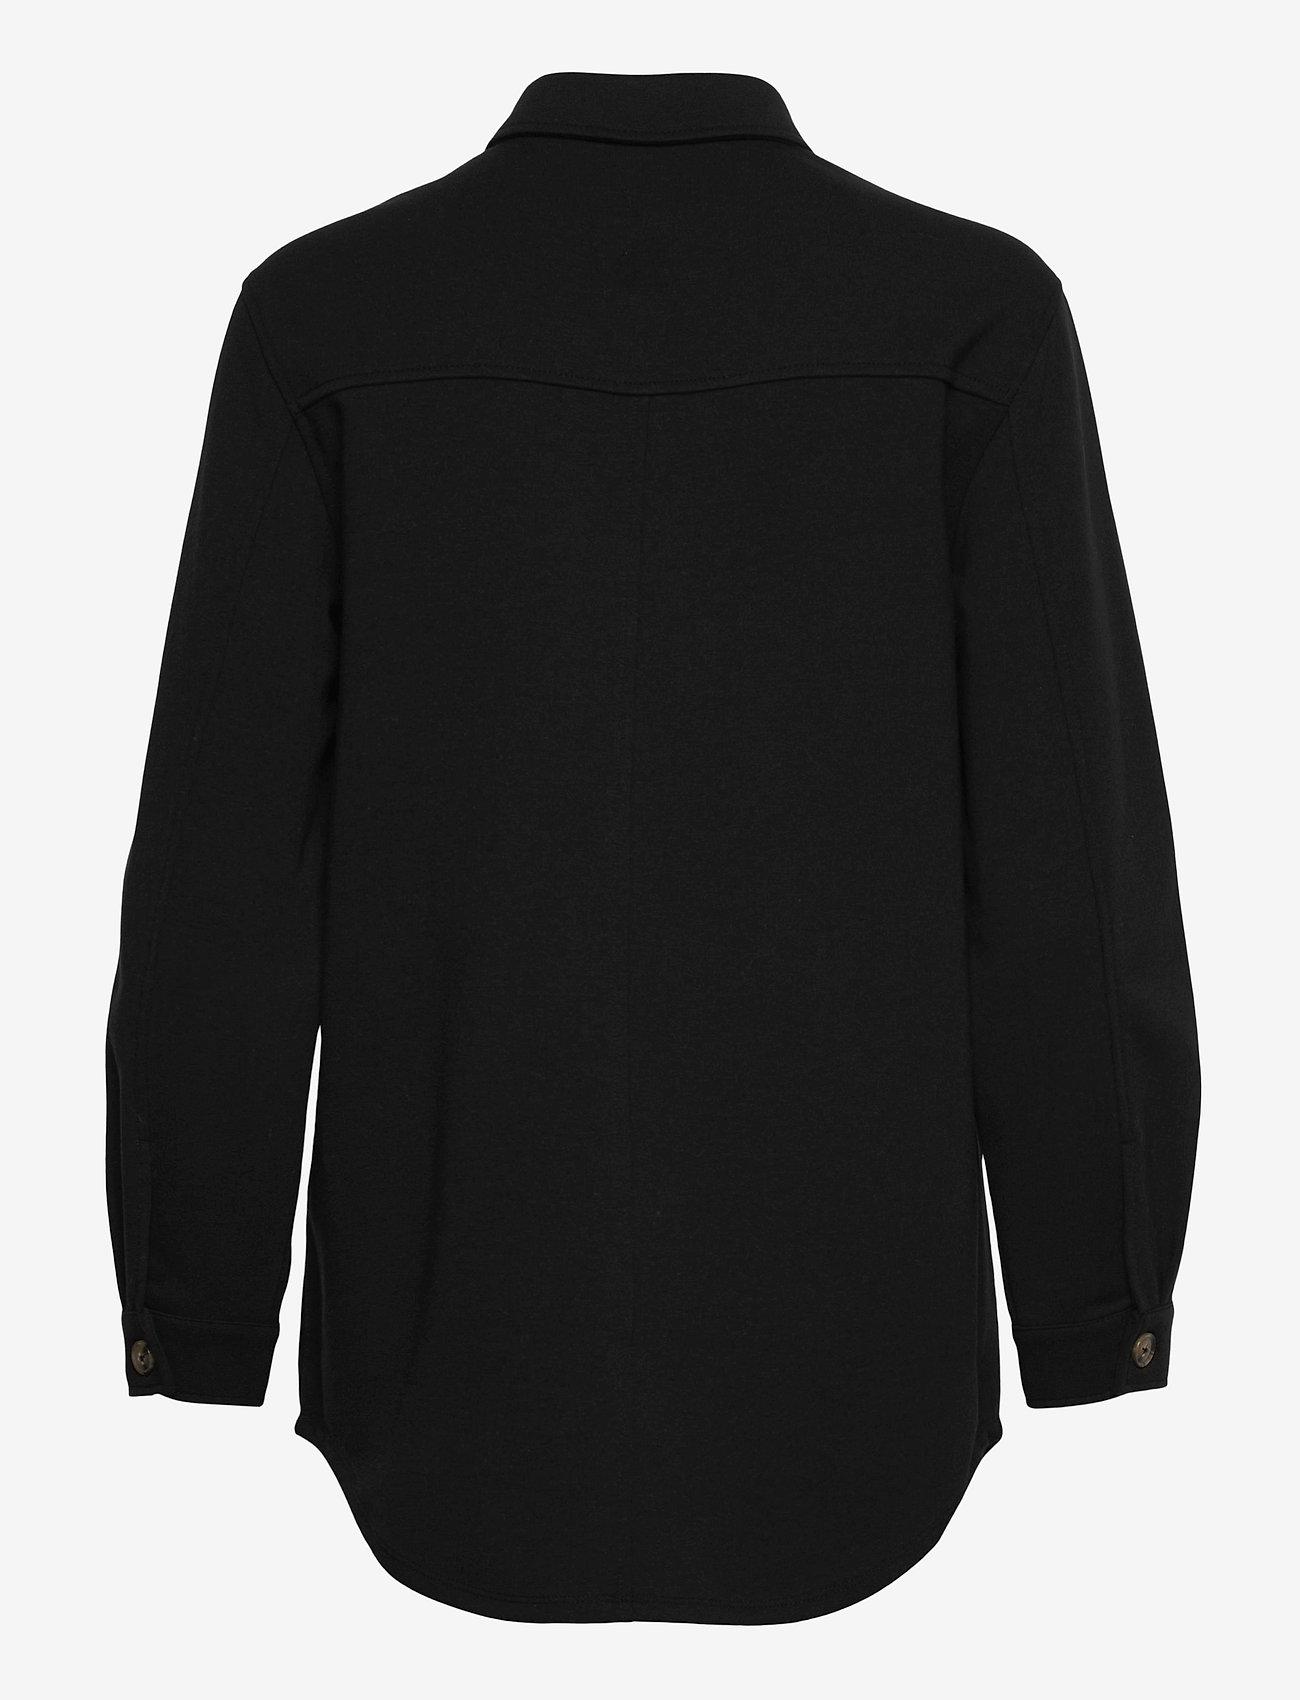 Object - OBJMEZA L/S SHIRT - clothing - black - 1